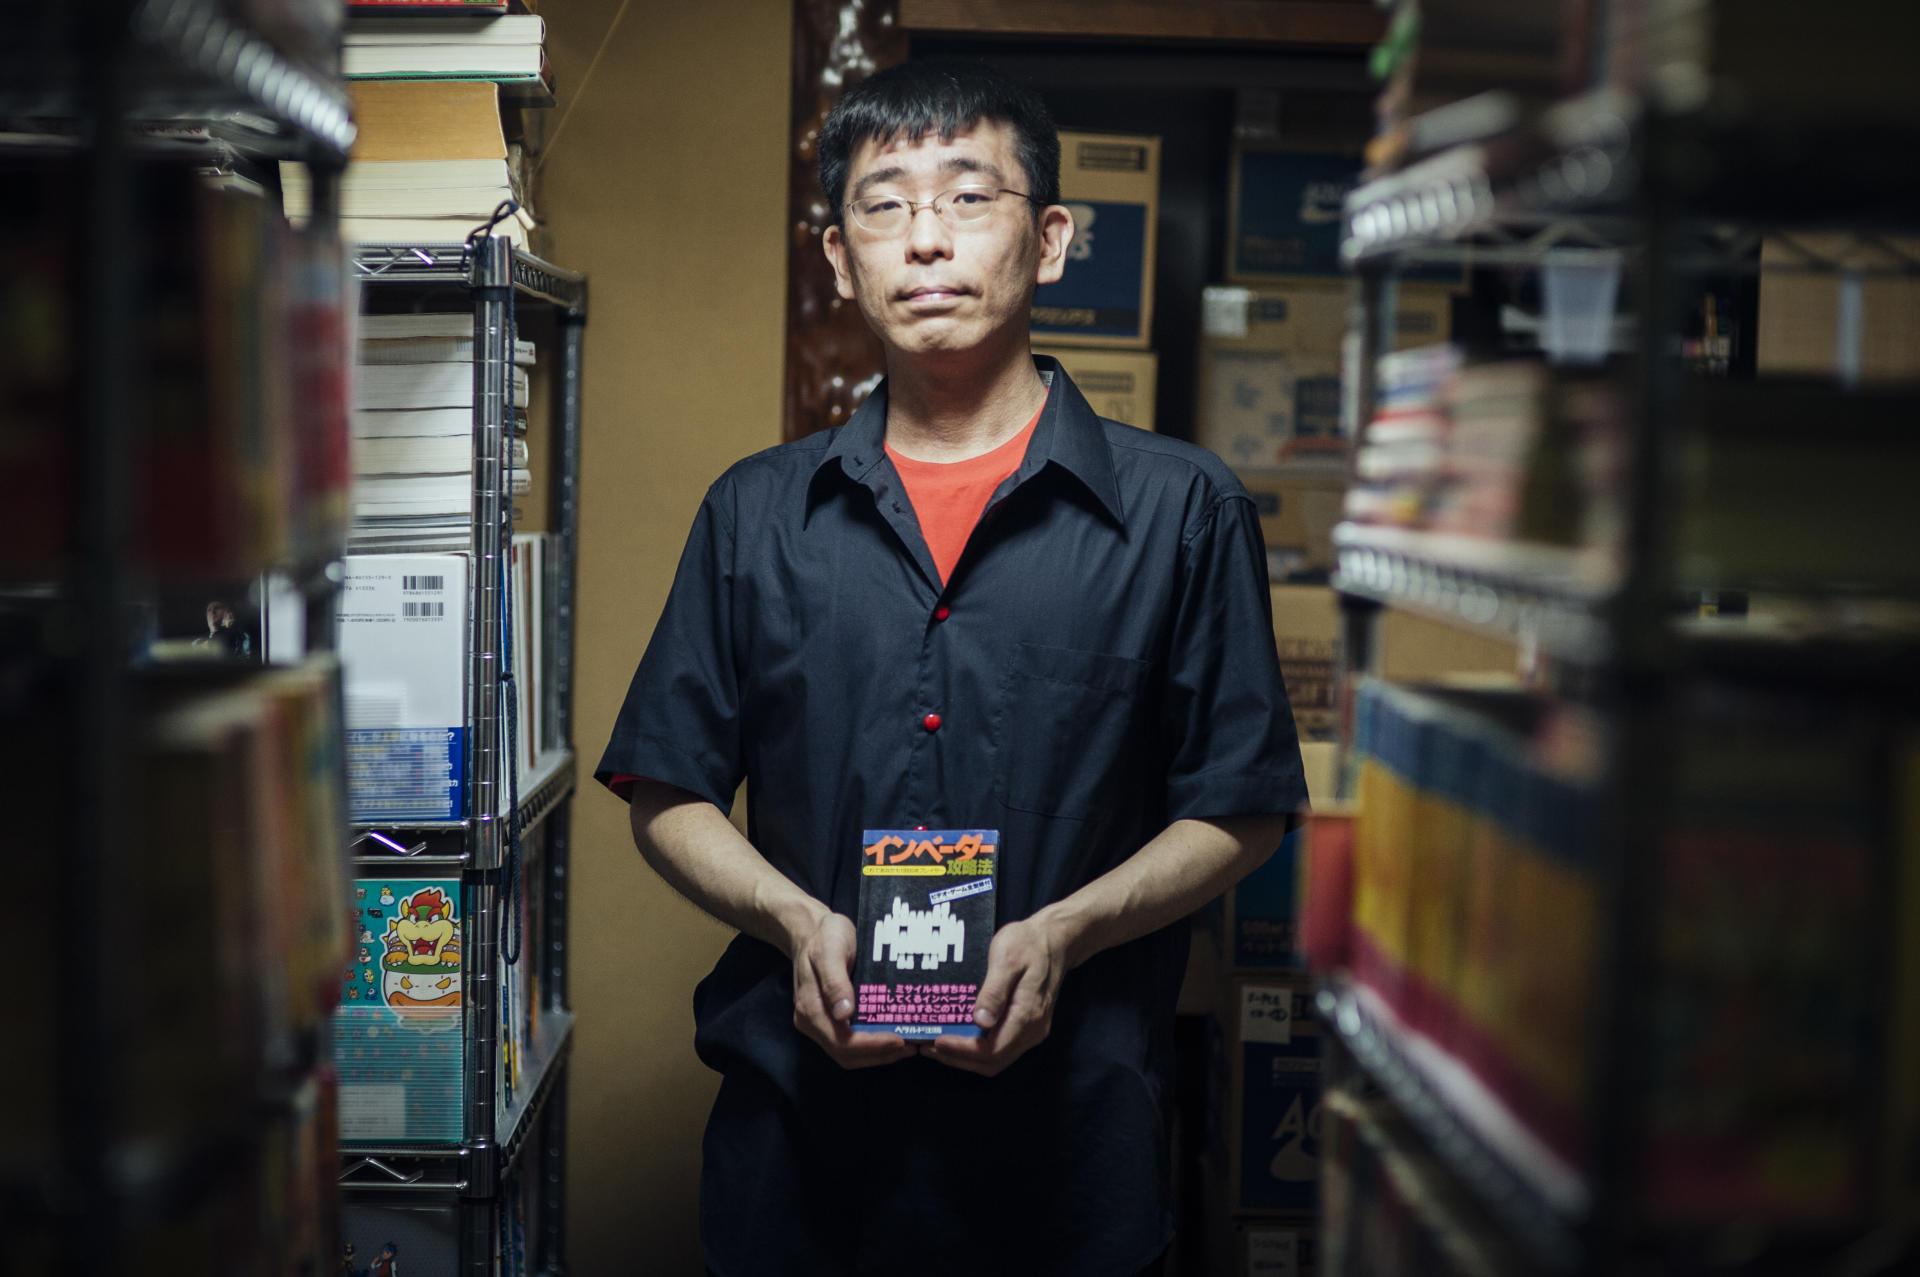 Mastubara Keigo est membre de l'association, et collectionne tous les magazines et livres en lien avec les jeux vidéo japonais.